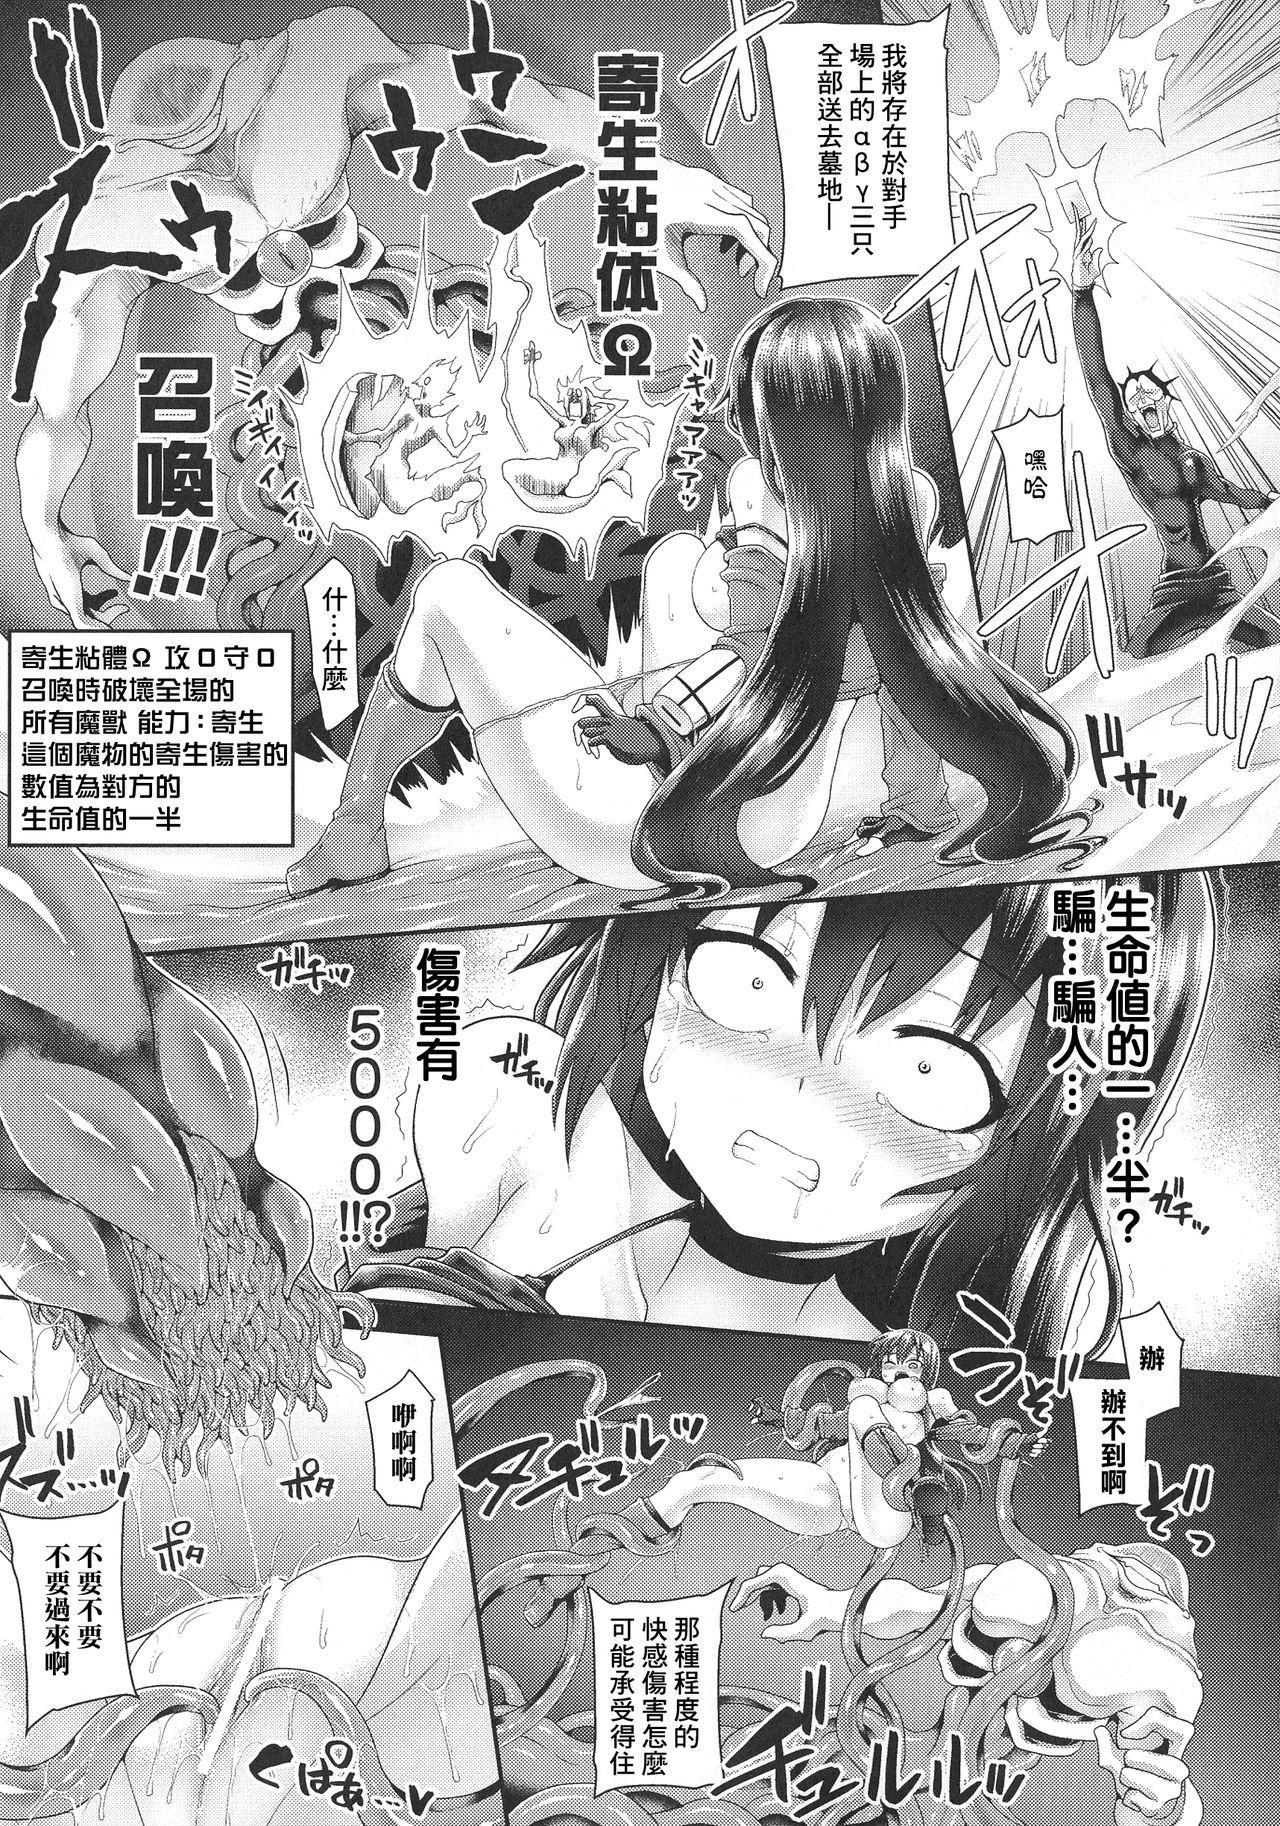 Futanari Gal Brave - Tsuiteru Gal Yuusha Isekai no ji ni Botsu 105